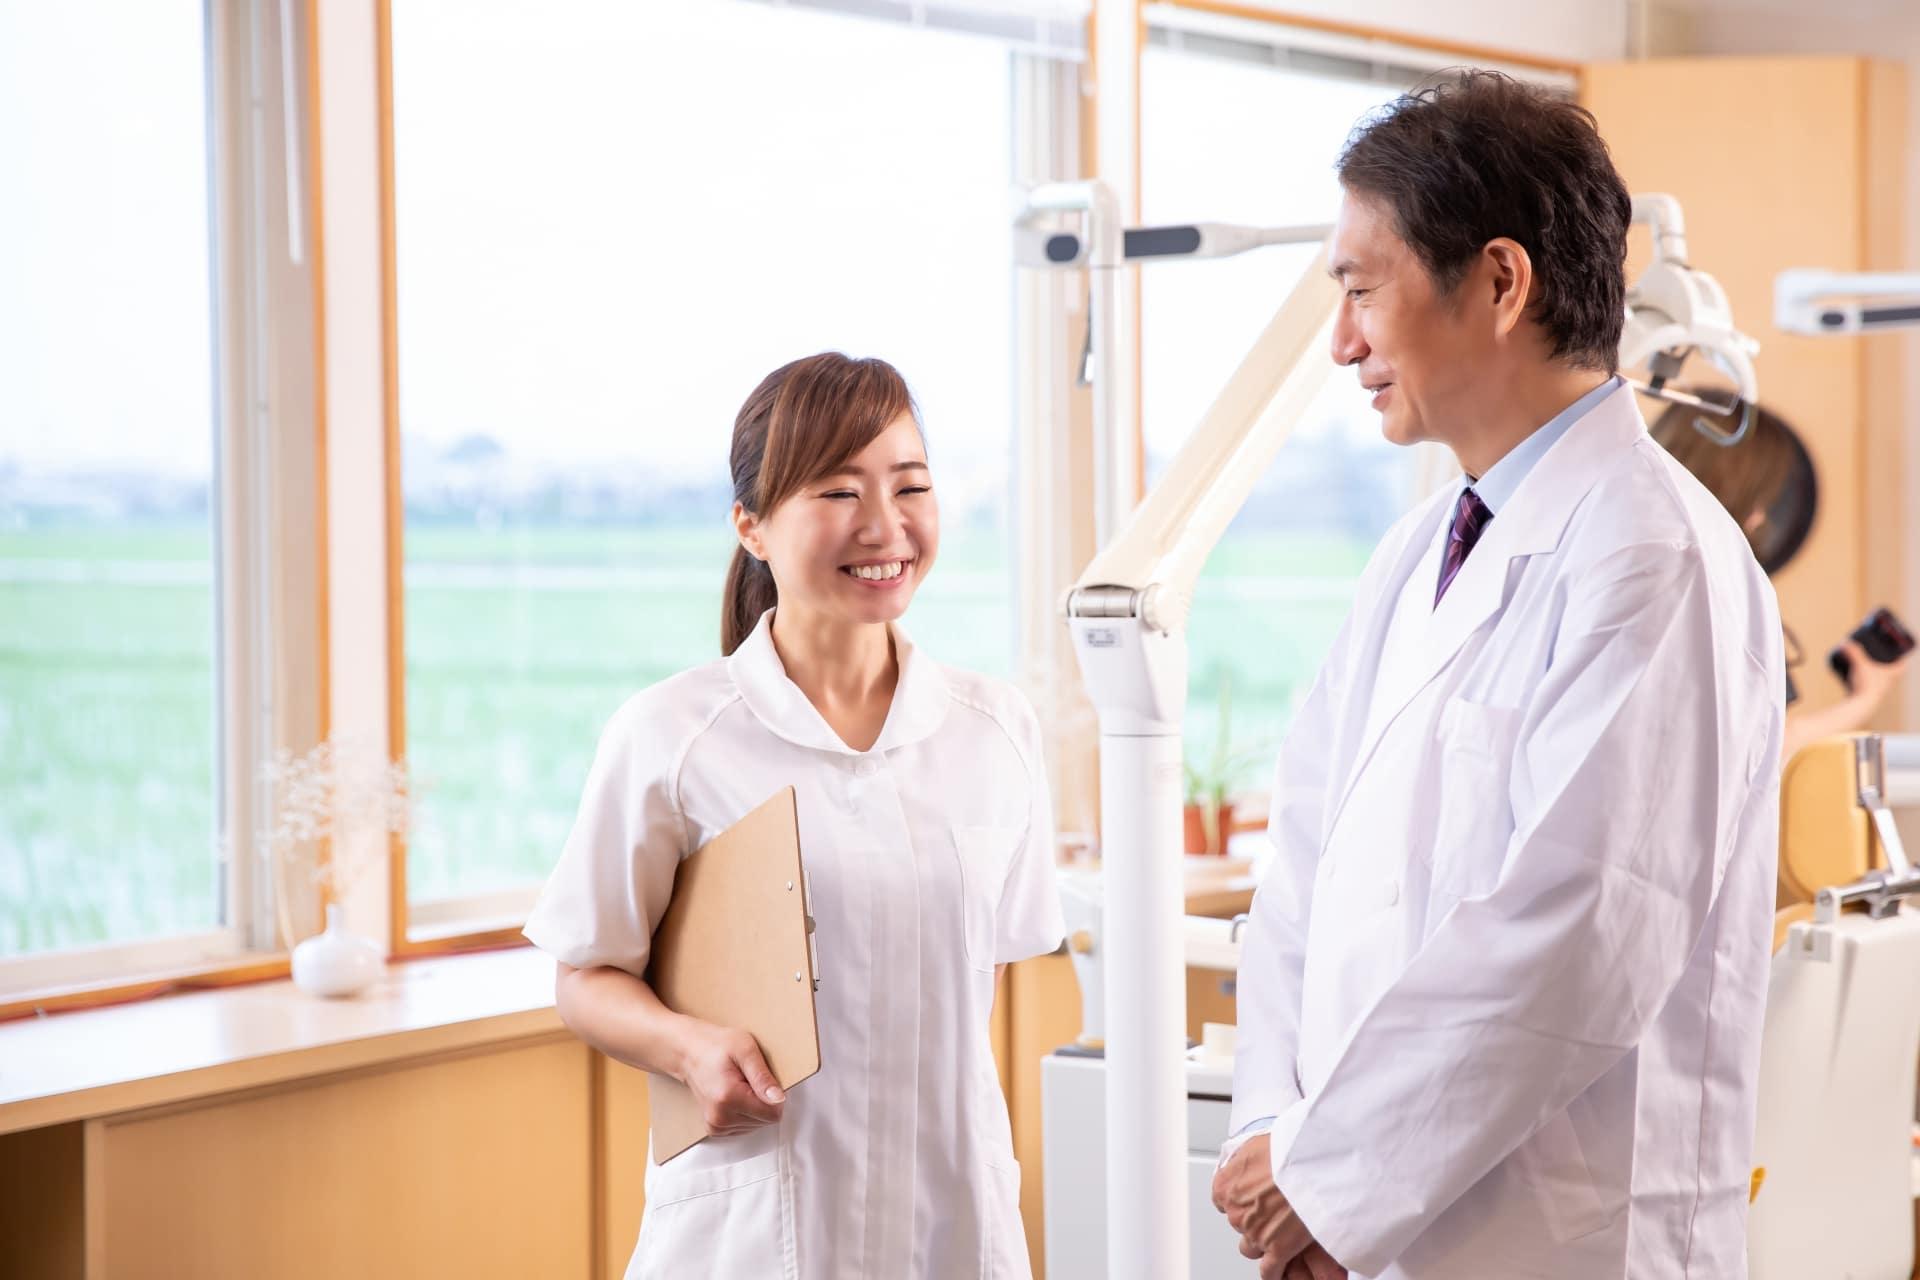 医師と話す事務の女性